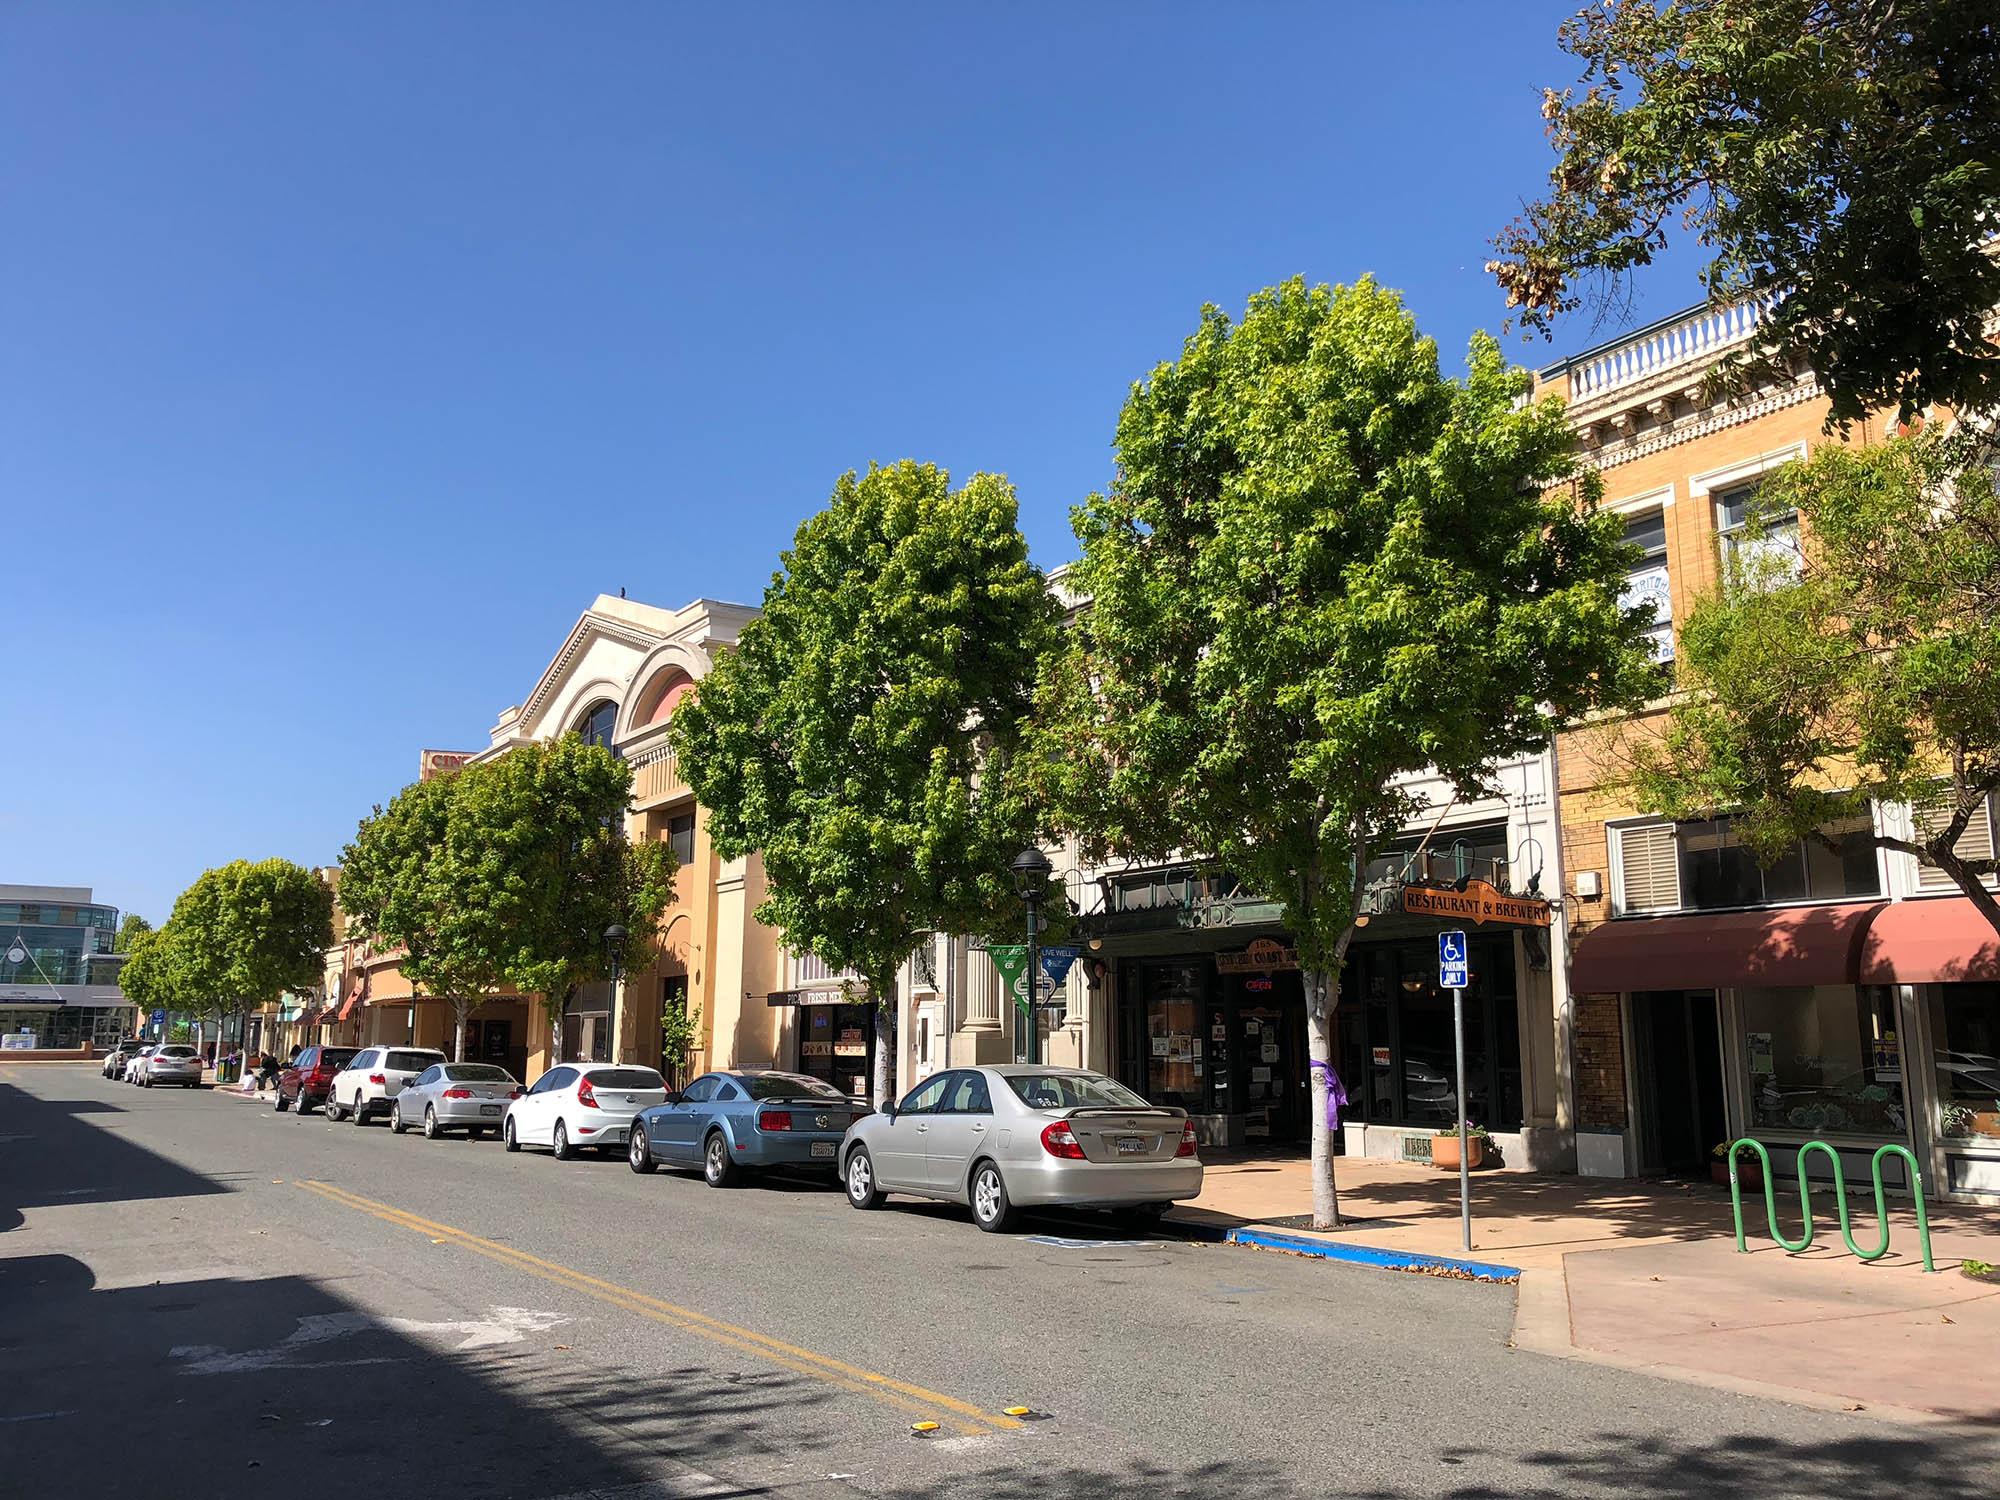 В Салинасе все ездят на личных автомобилях, без машины тут практически никуда не добраться. Пешеходов в городе почти нет